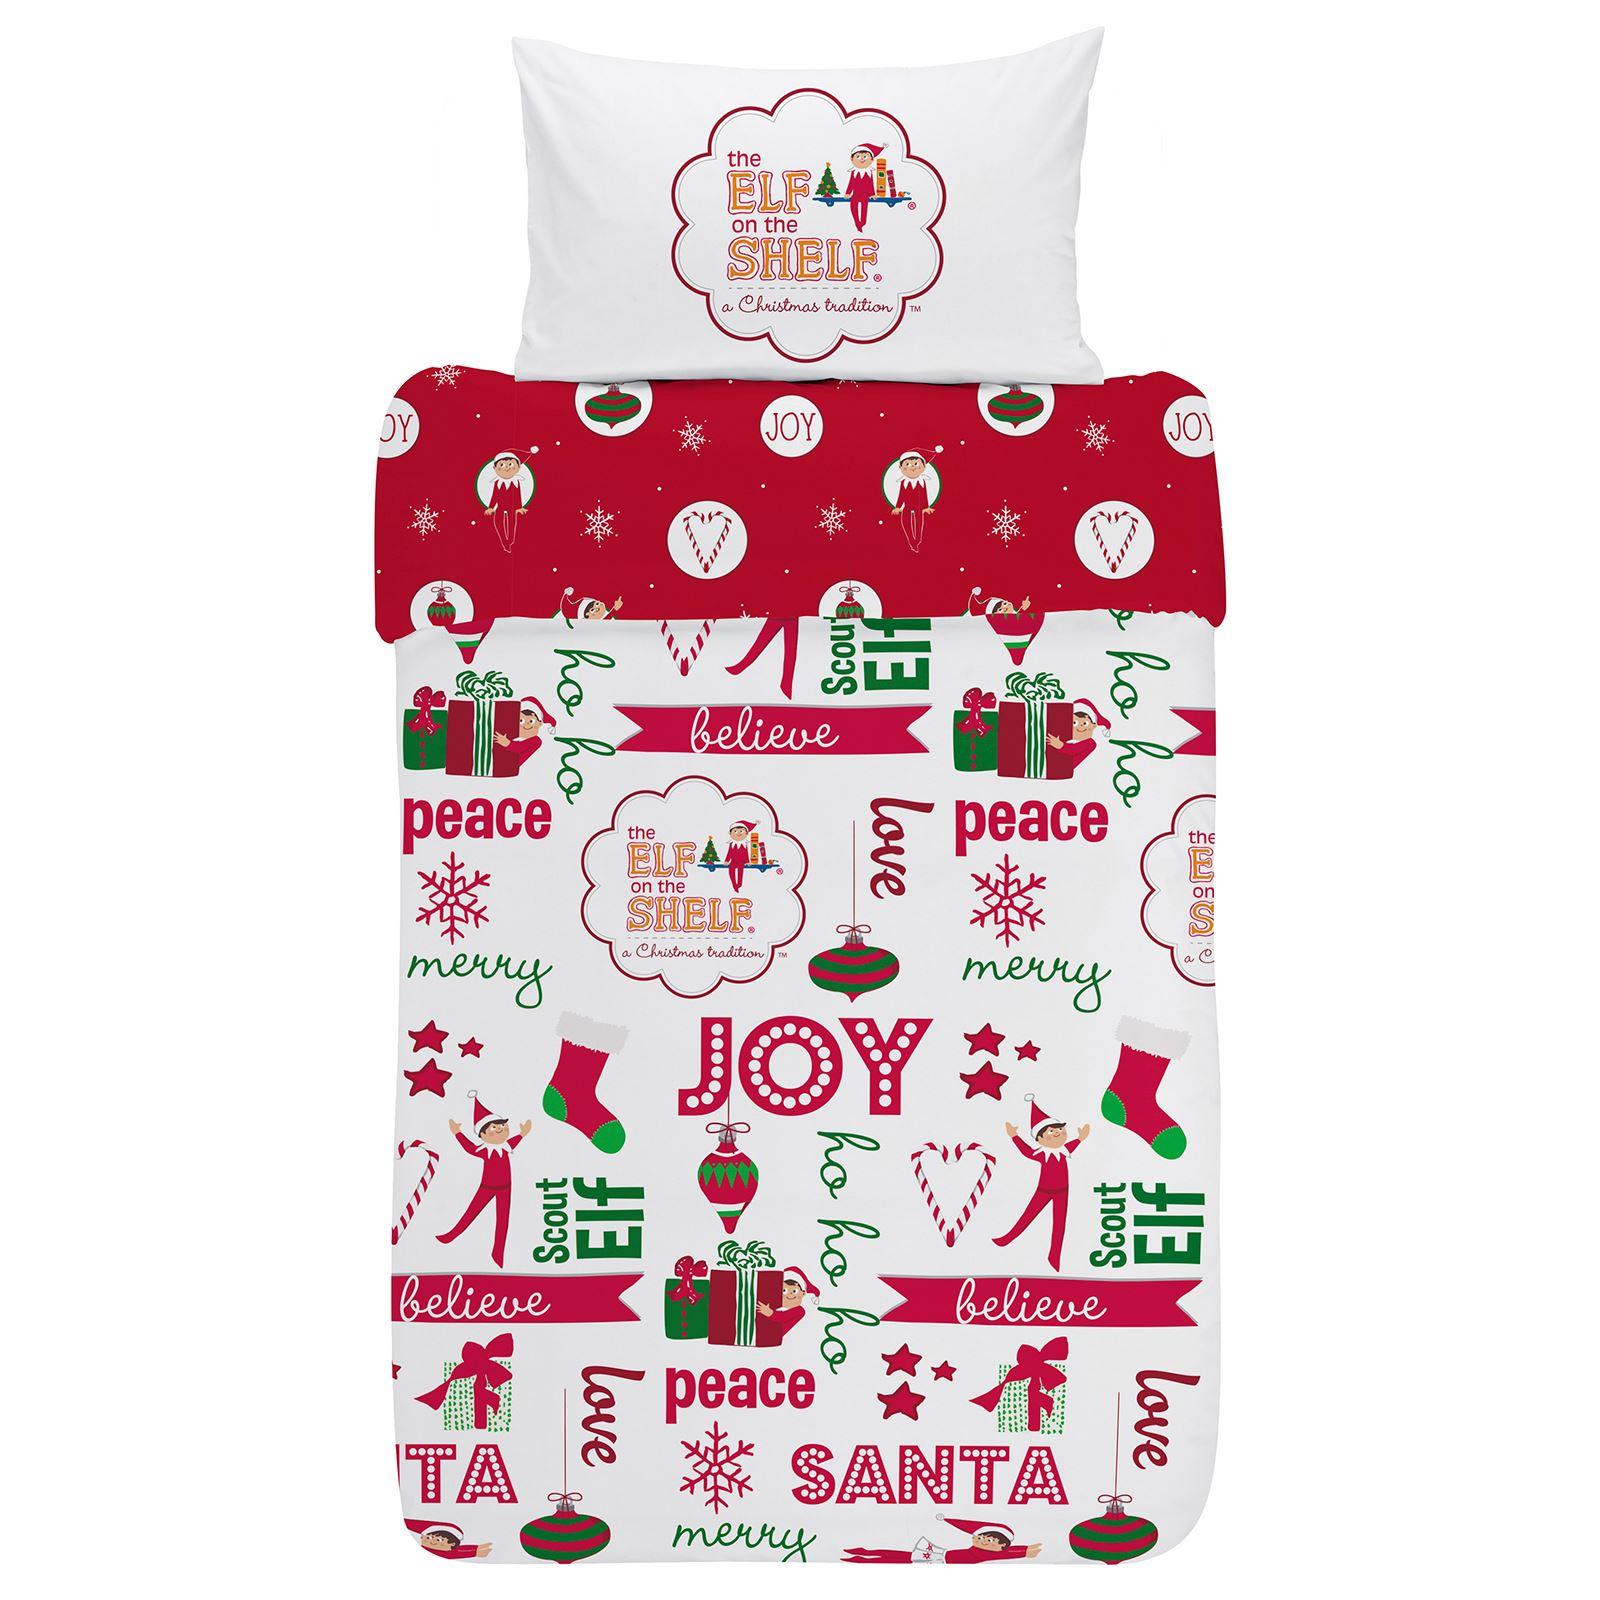 Indexbild 25 - Kinder Weihnachten Bettbezug Sets - Junior Einzel Doppel King - Elf Emoji Grinch